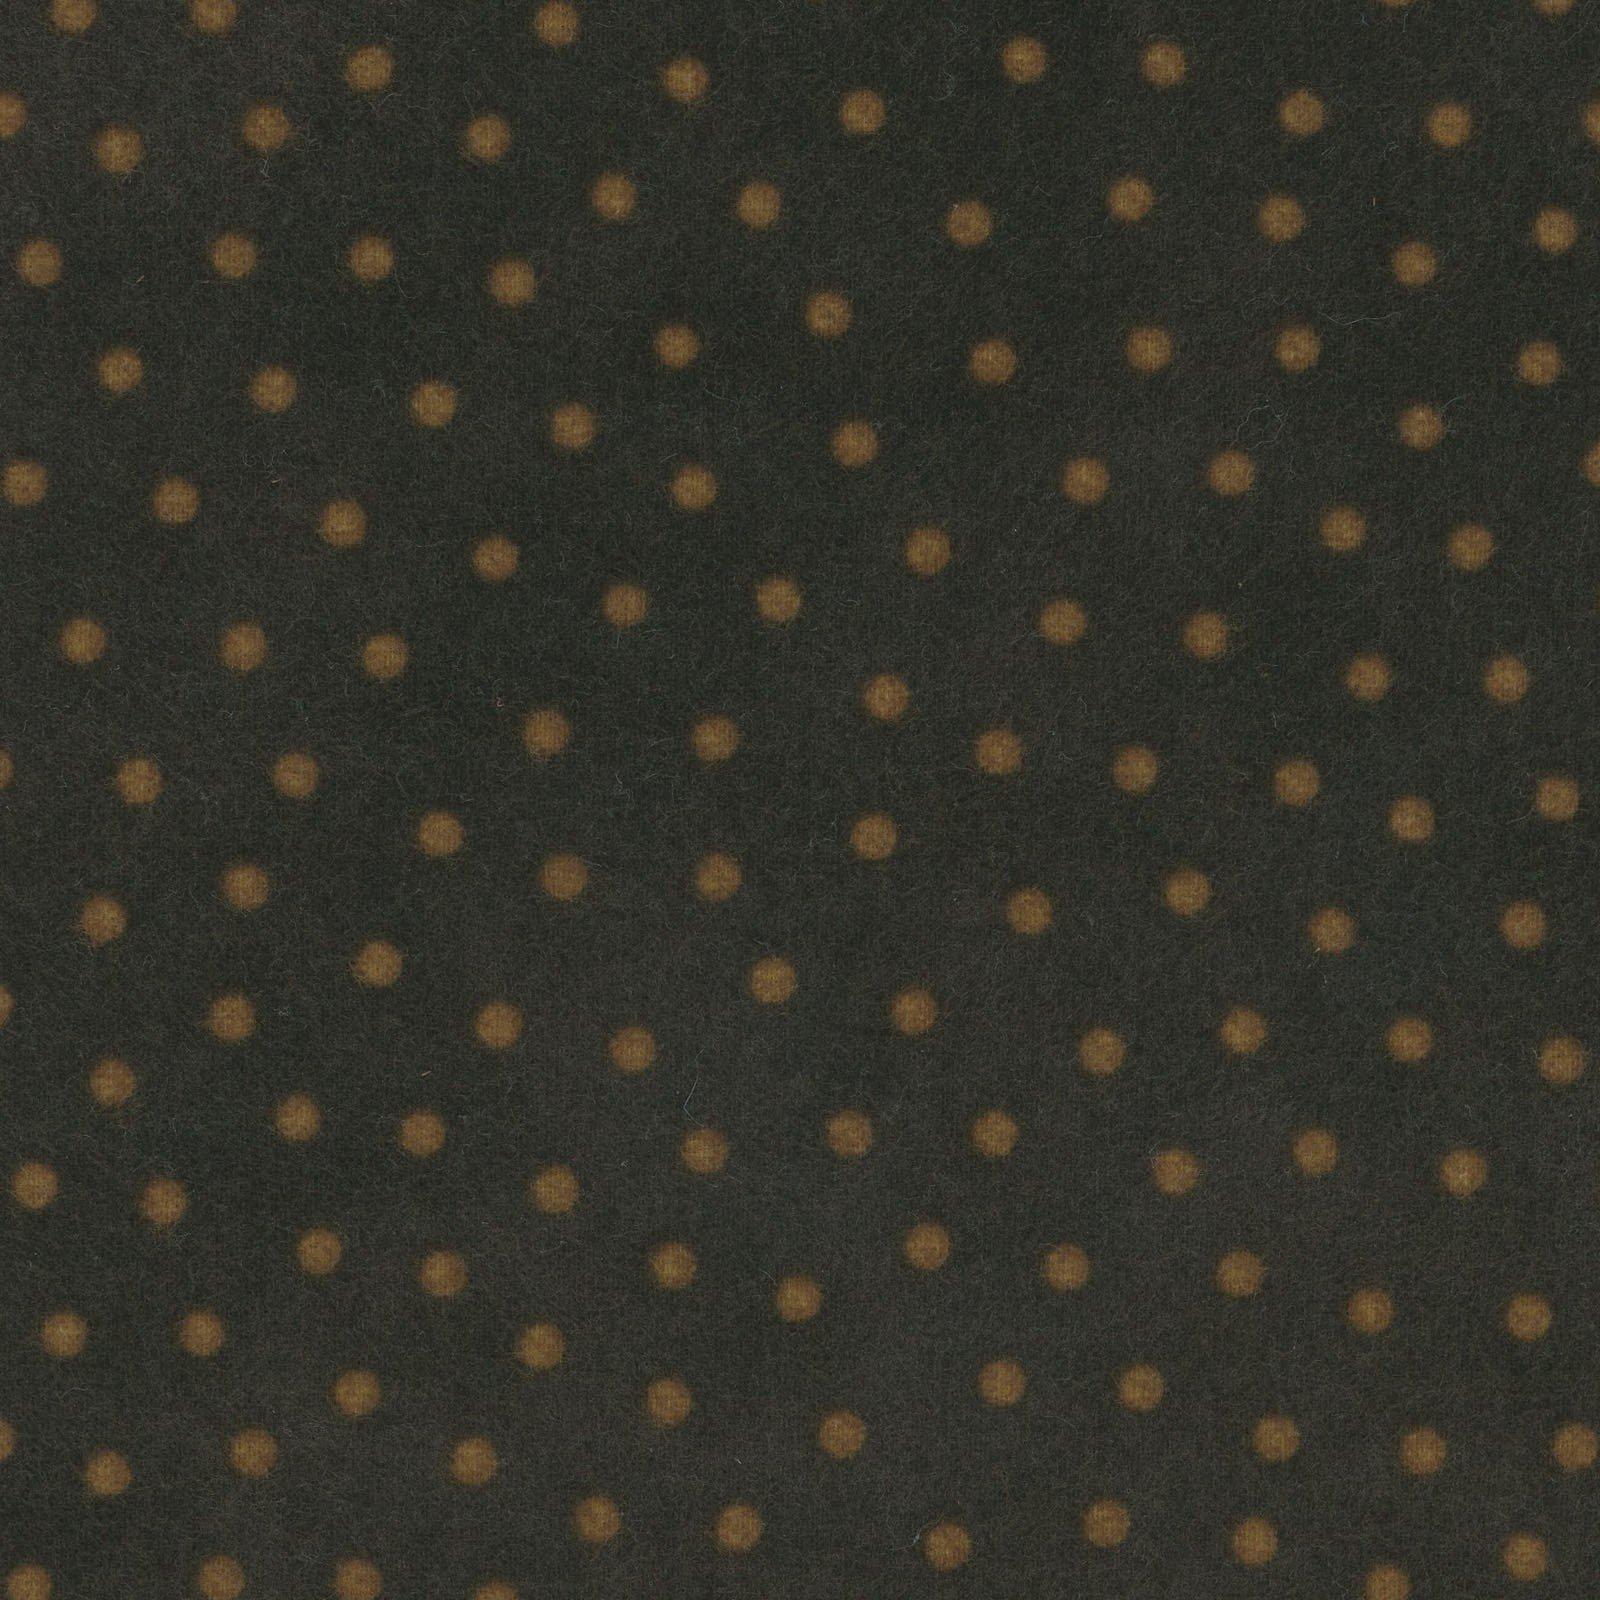 Woolies Flannel Polka Dots Espresso (MASF18506-JA)